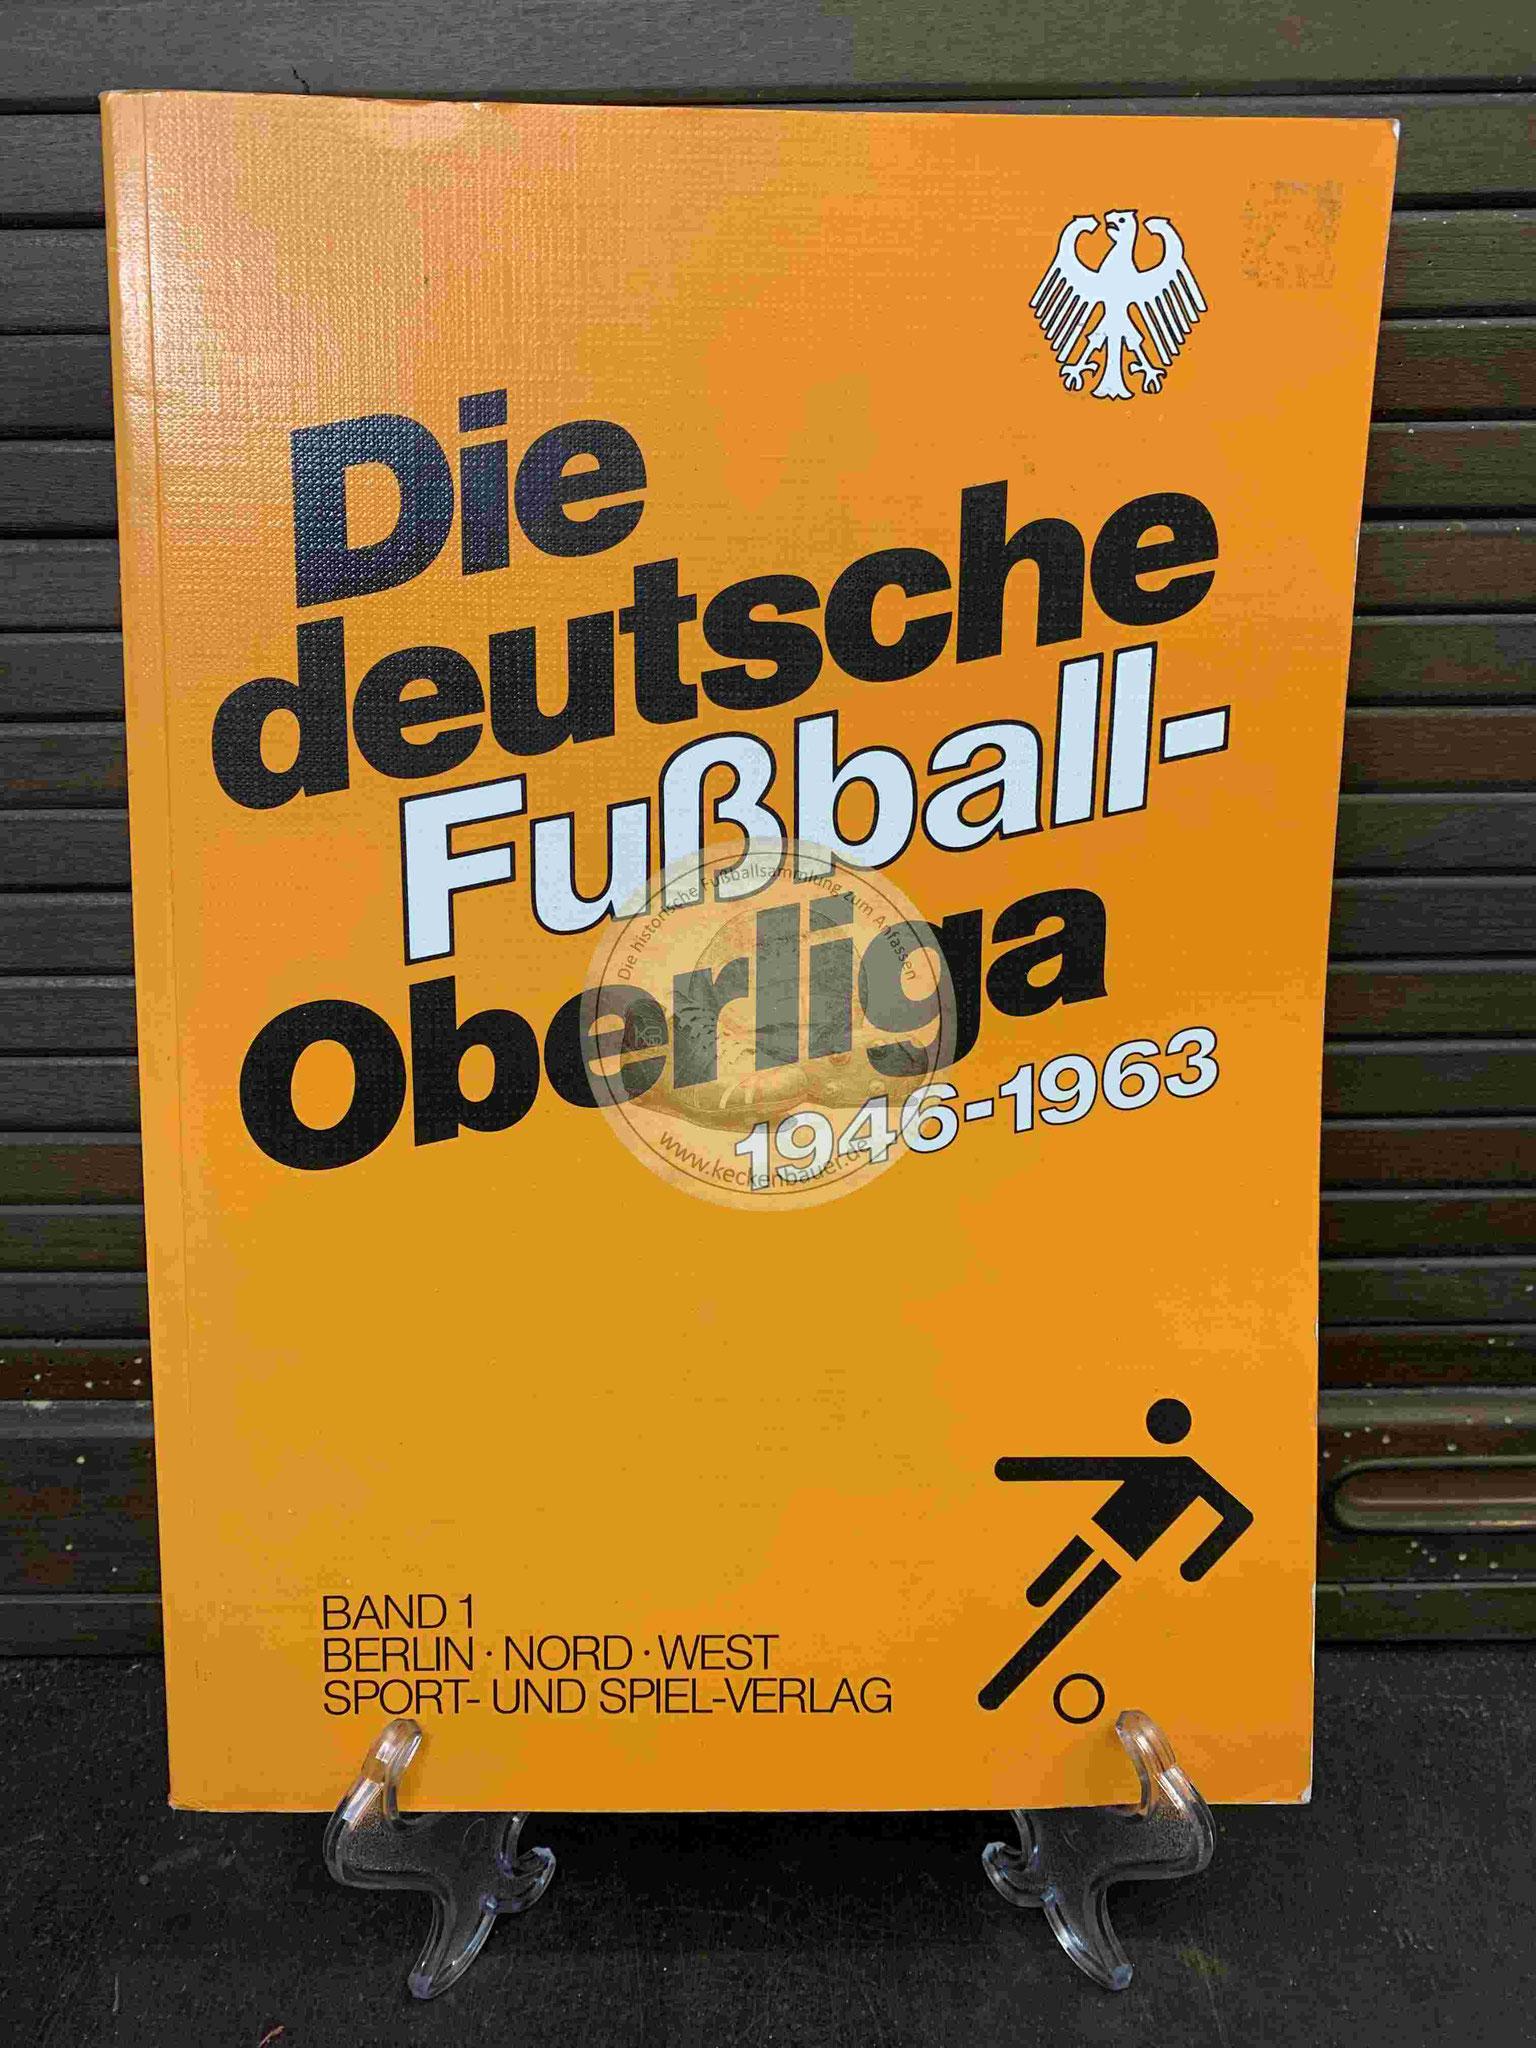 Die deutsche Fußball-Oberliga 1946-1963 aus dem Jahr 1989